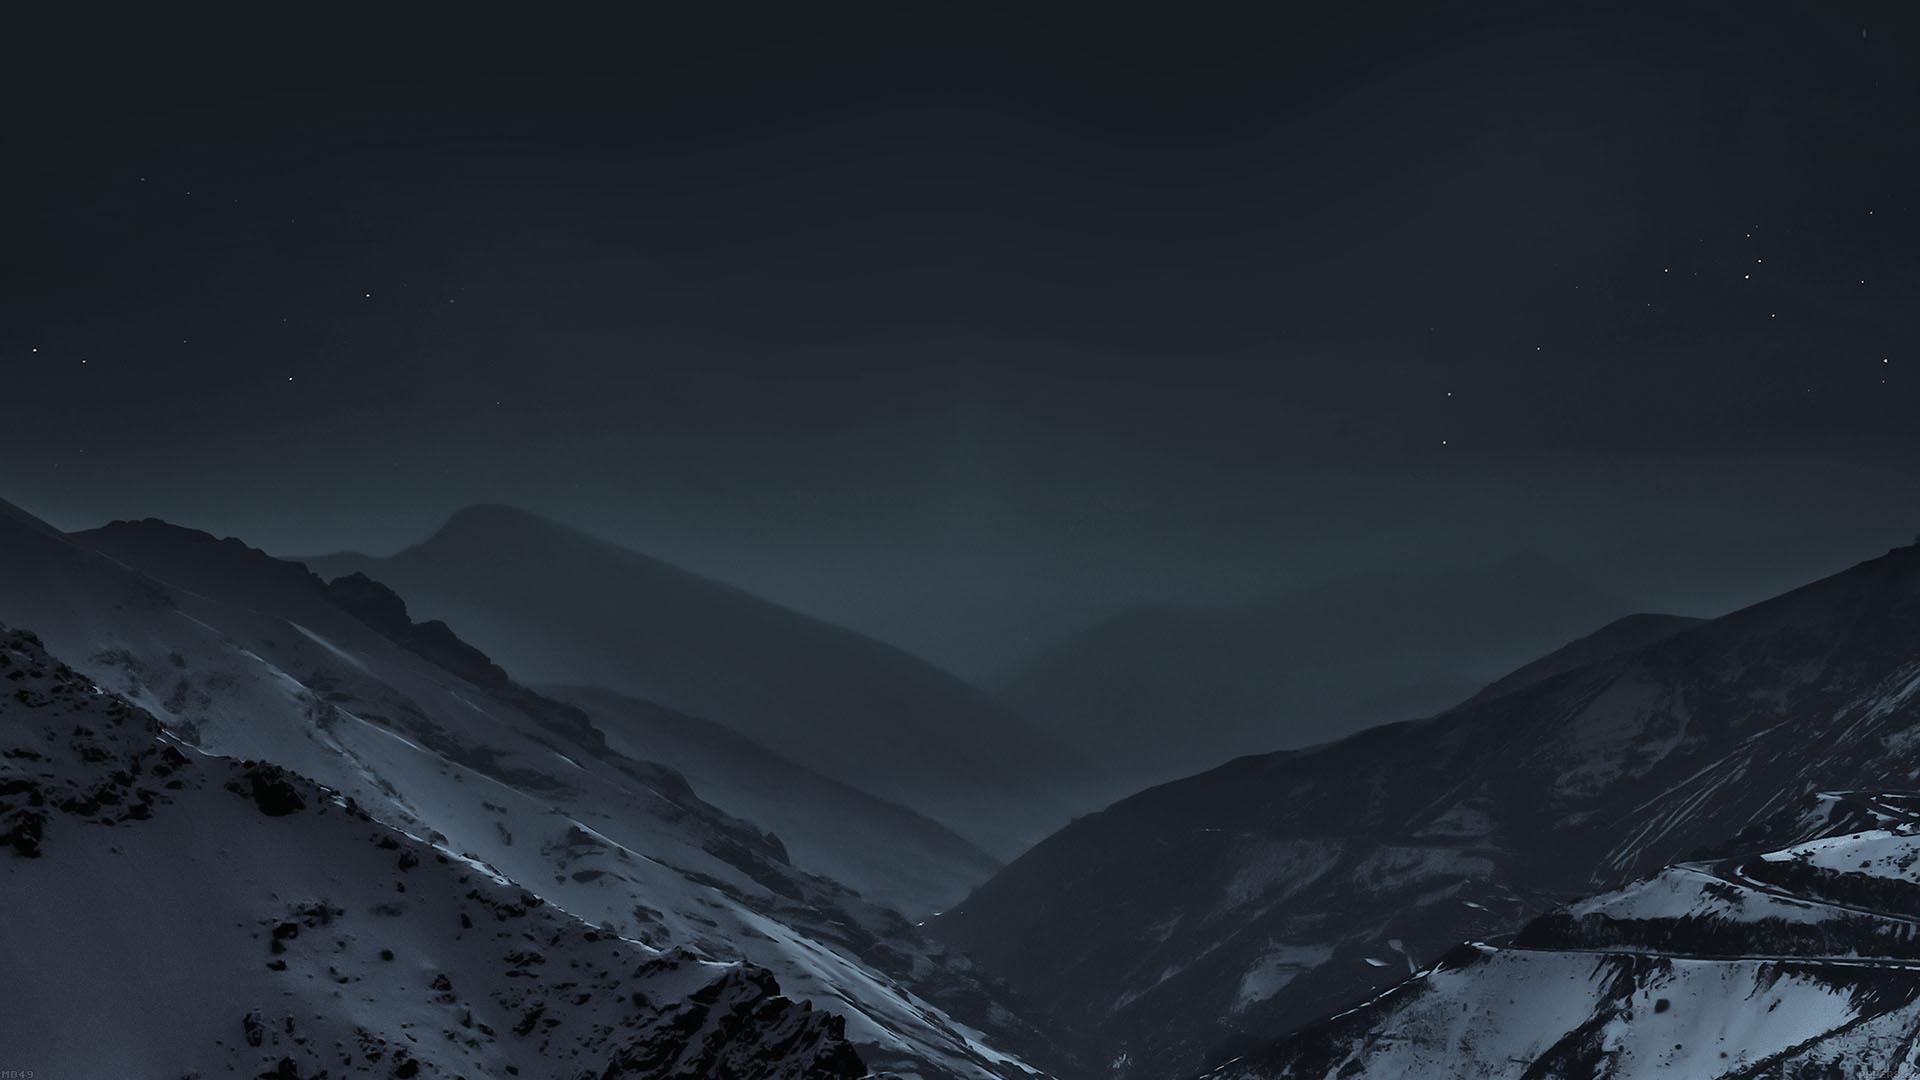 Iphone X Default Wallpaper 4k Md49 Wallpaper Nature Earth Dark Asleep Mountain Night